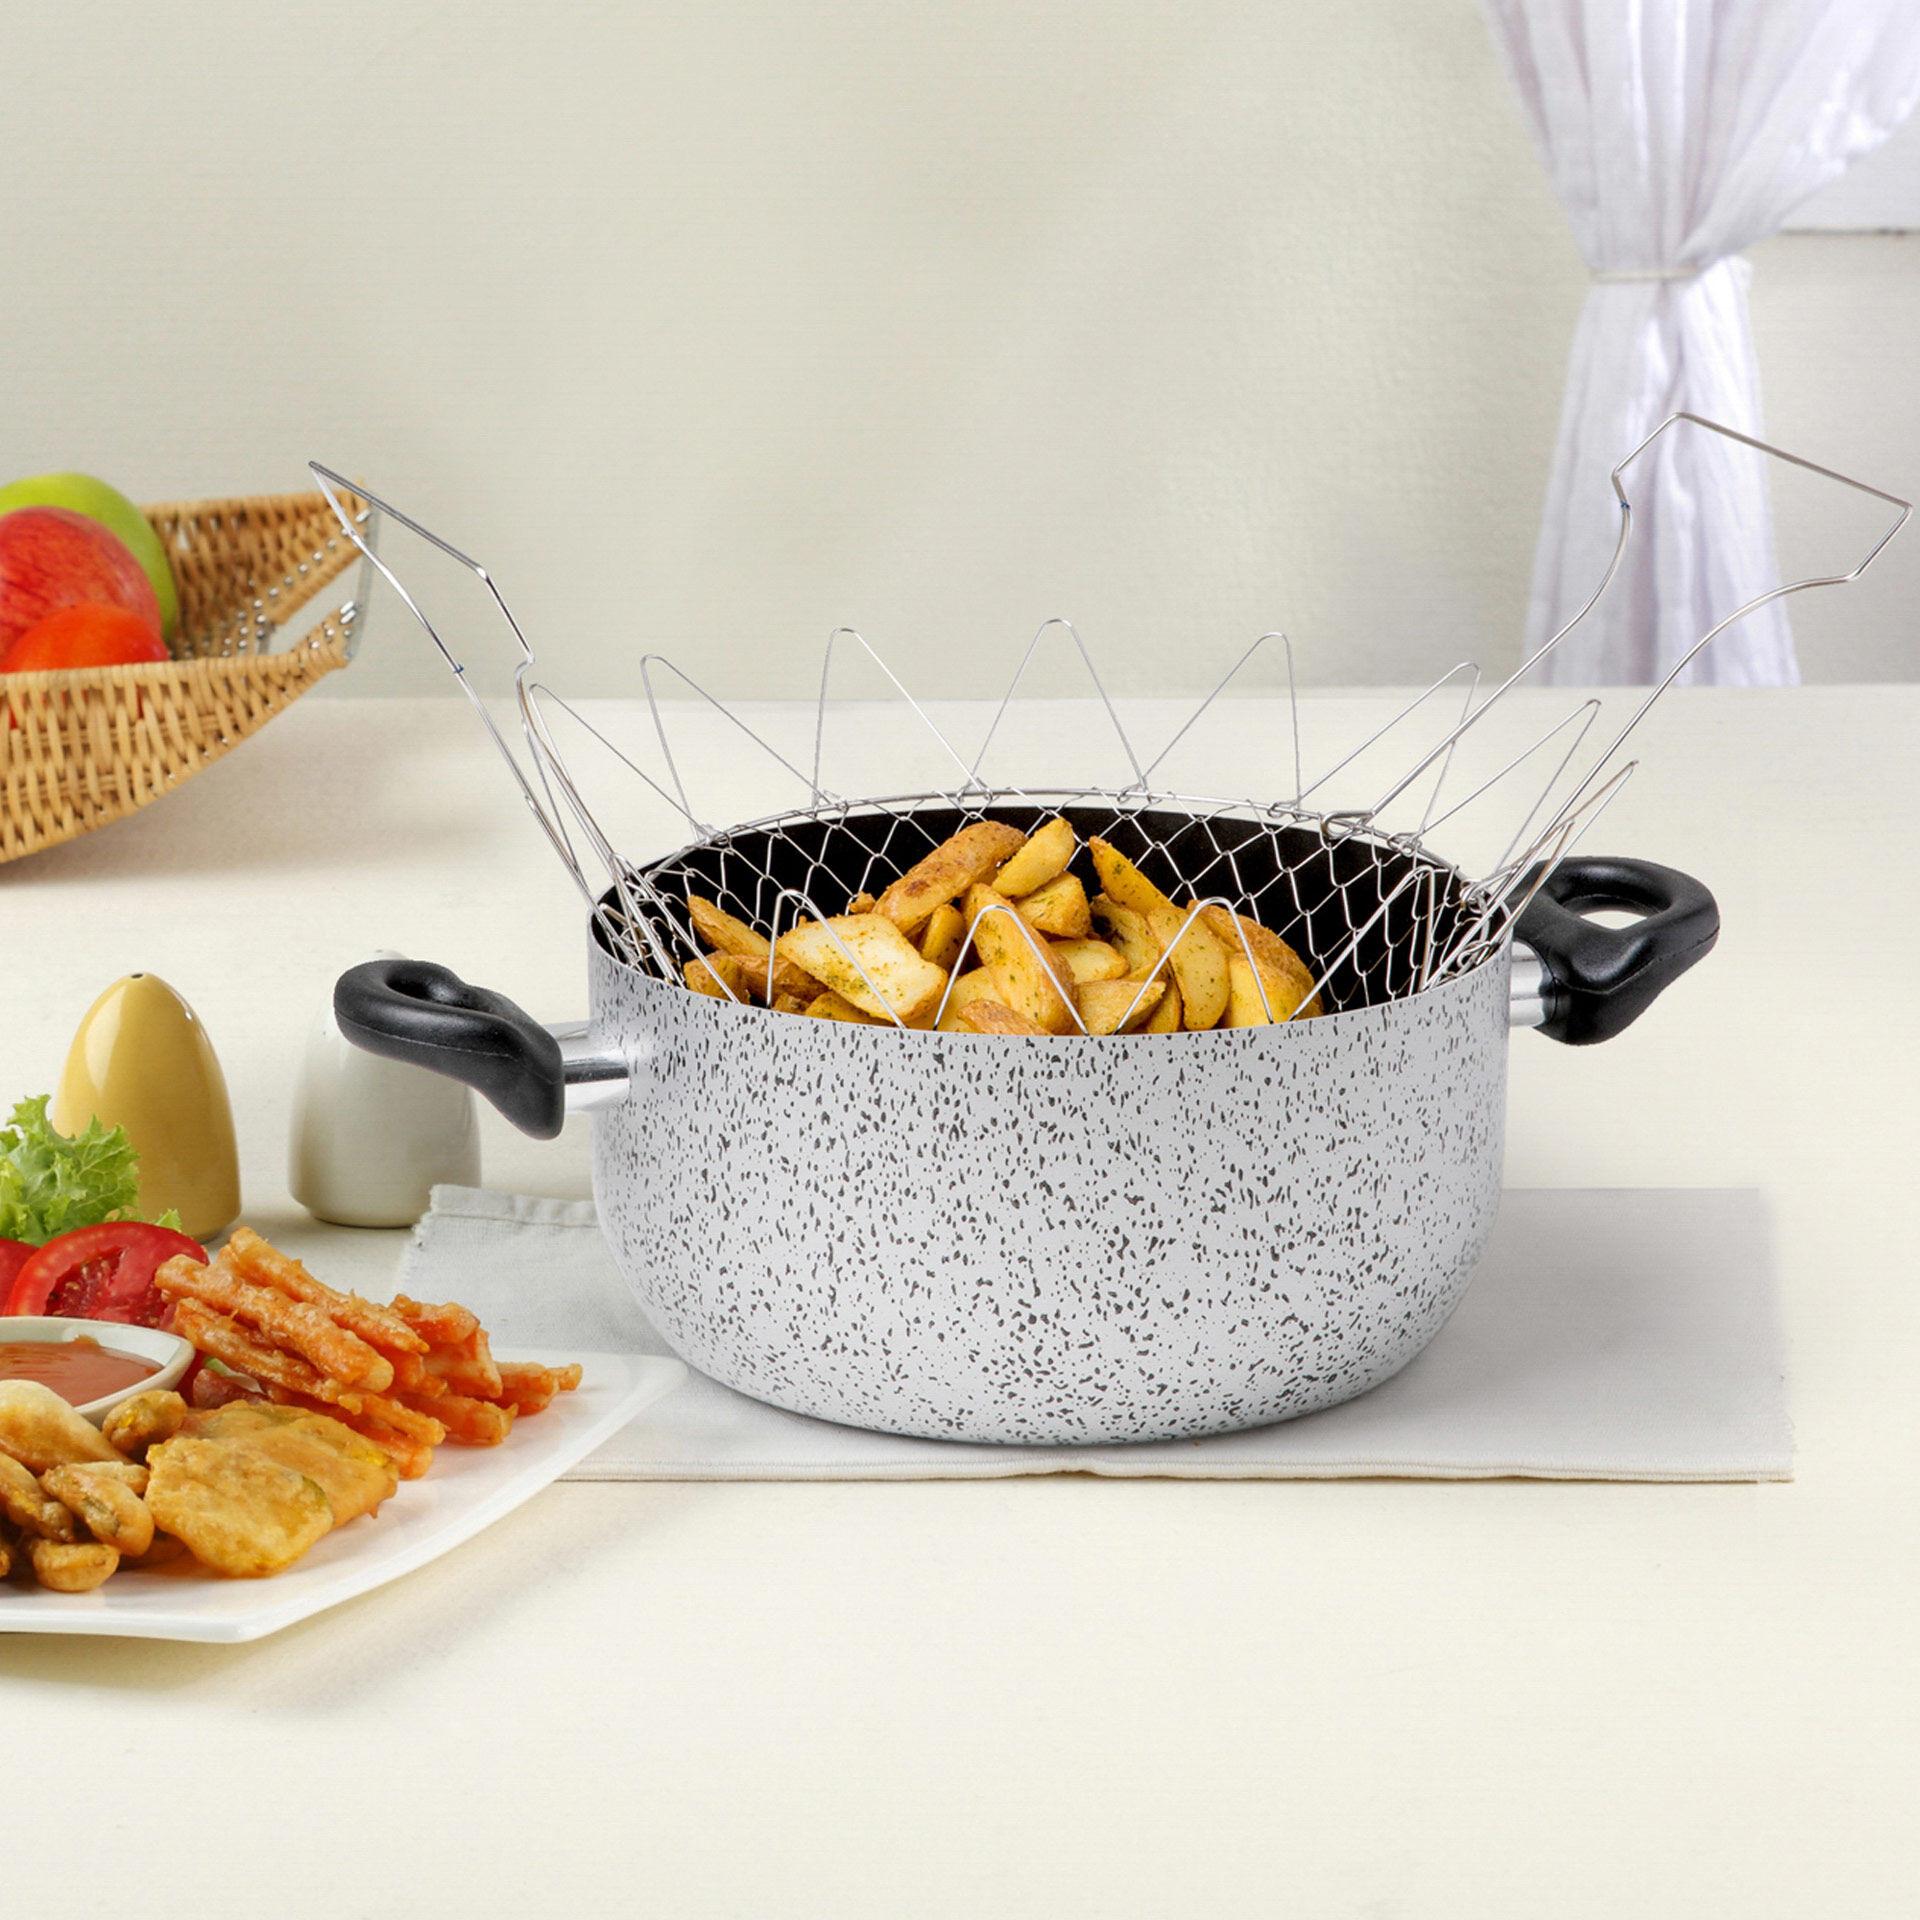 Panier de cuisine pliable multifonction, , large